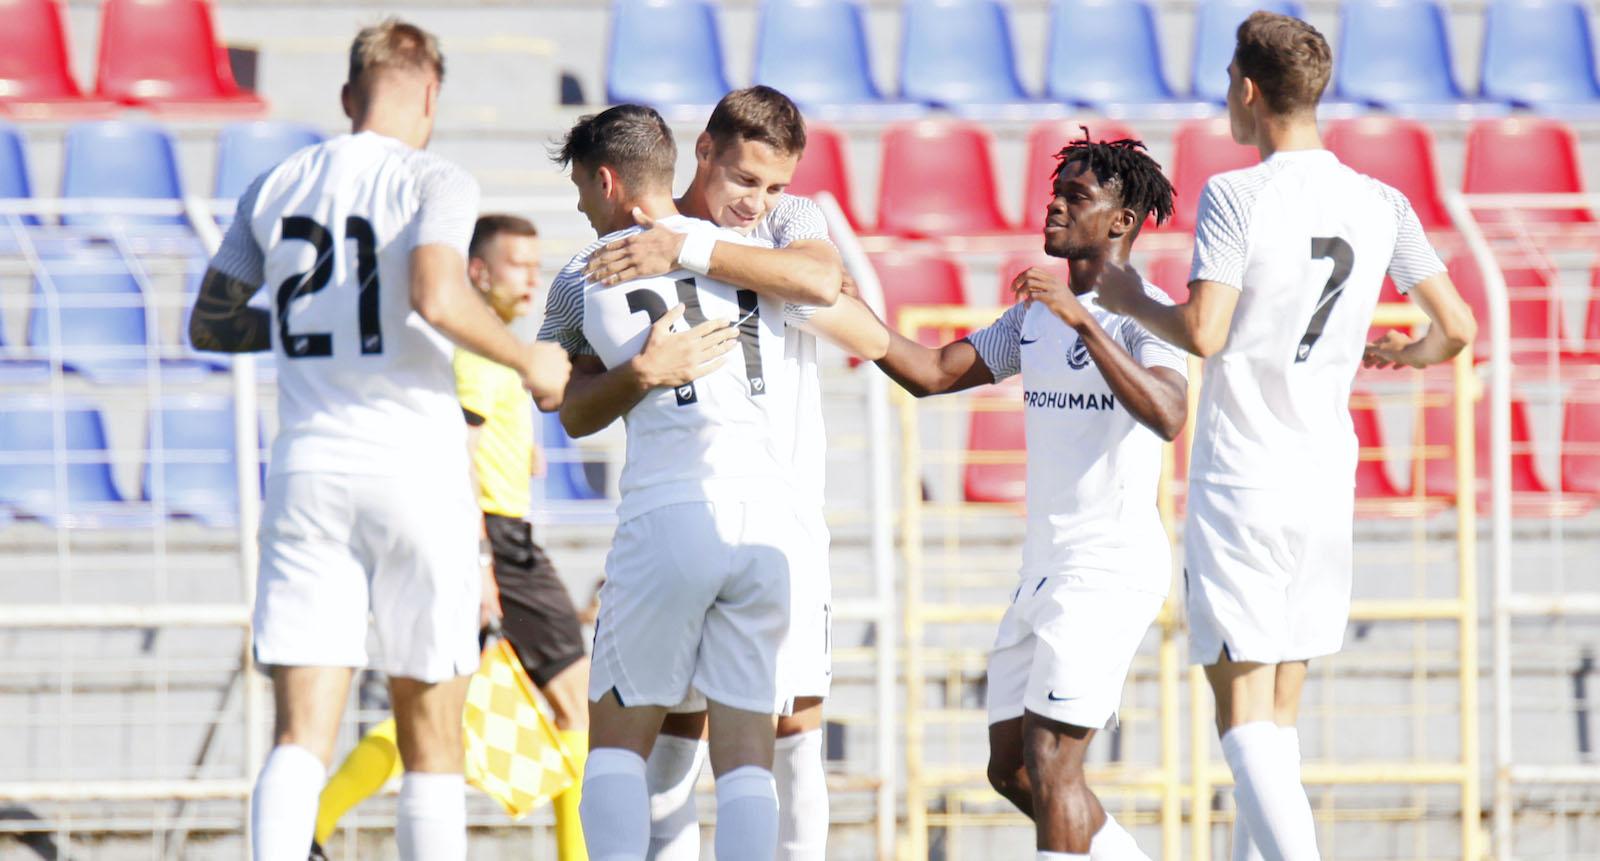 NB III: Öt gólt rúgtunk a Vác otthonában